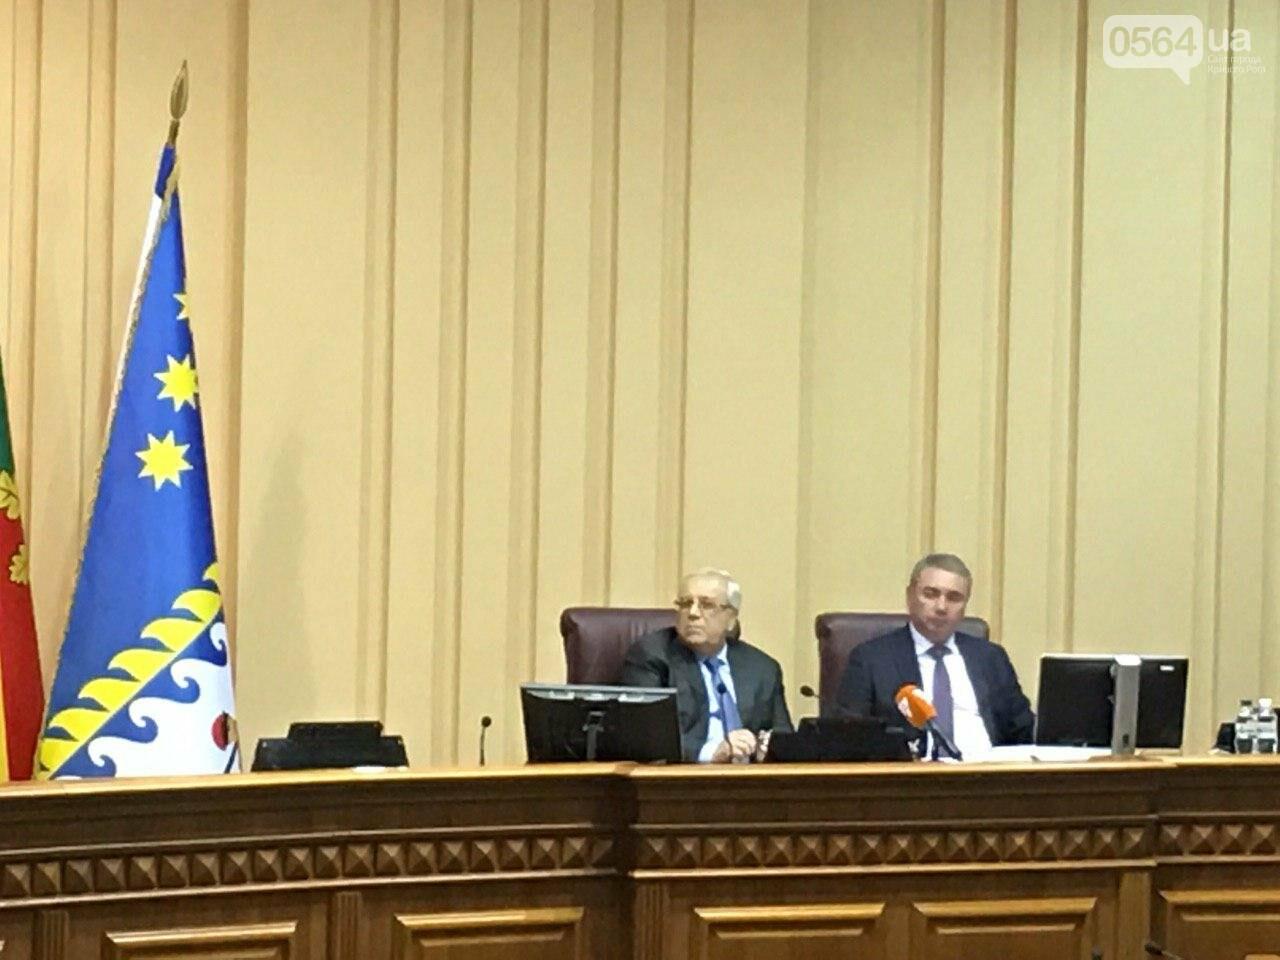 Криворожский городской совет не доверил экс-нардепу Павлову должность заместителя мэра, - ФОТО, фото-11